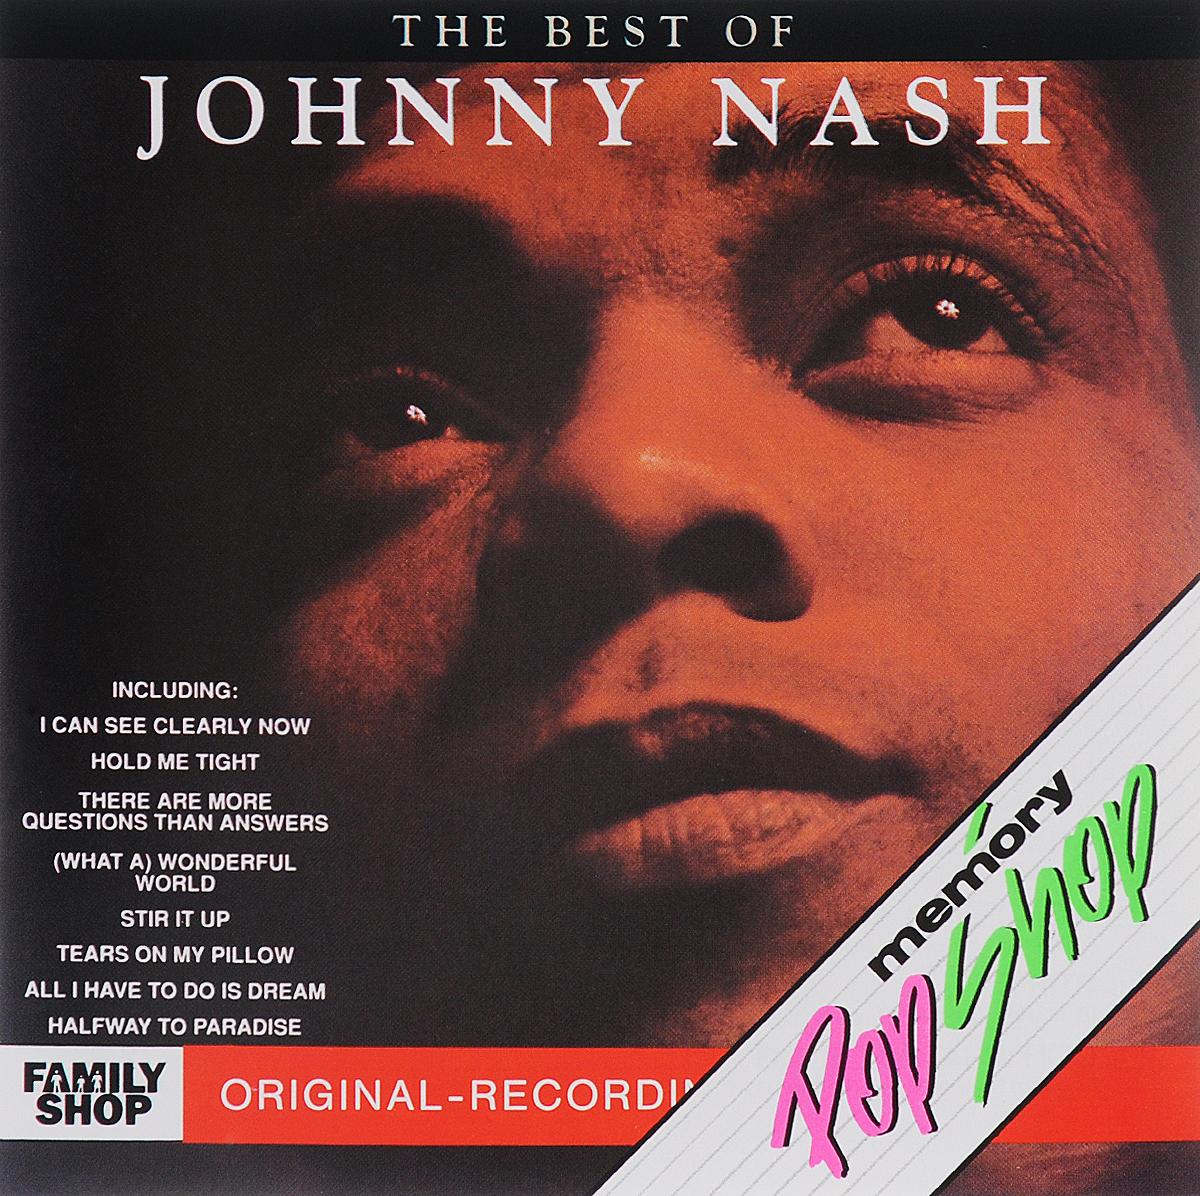 К изданию прилагается листовка со списком песен альбома.